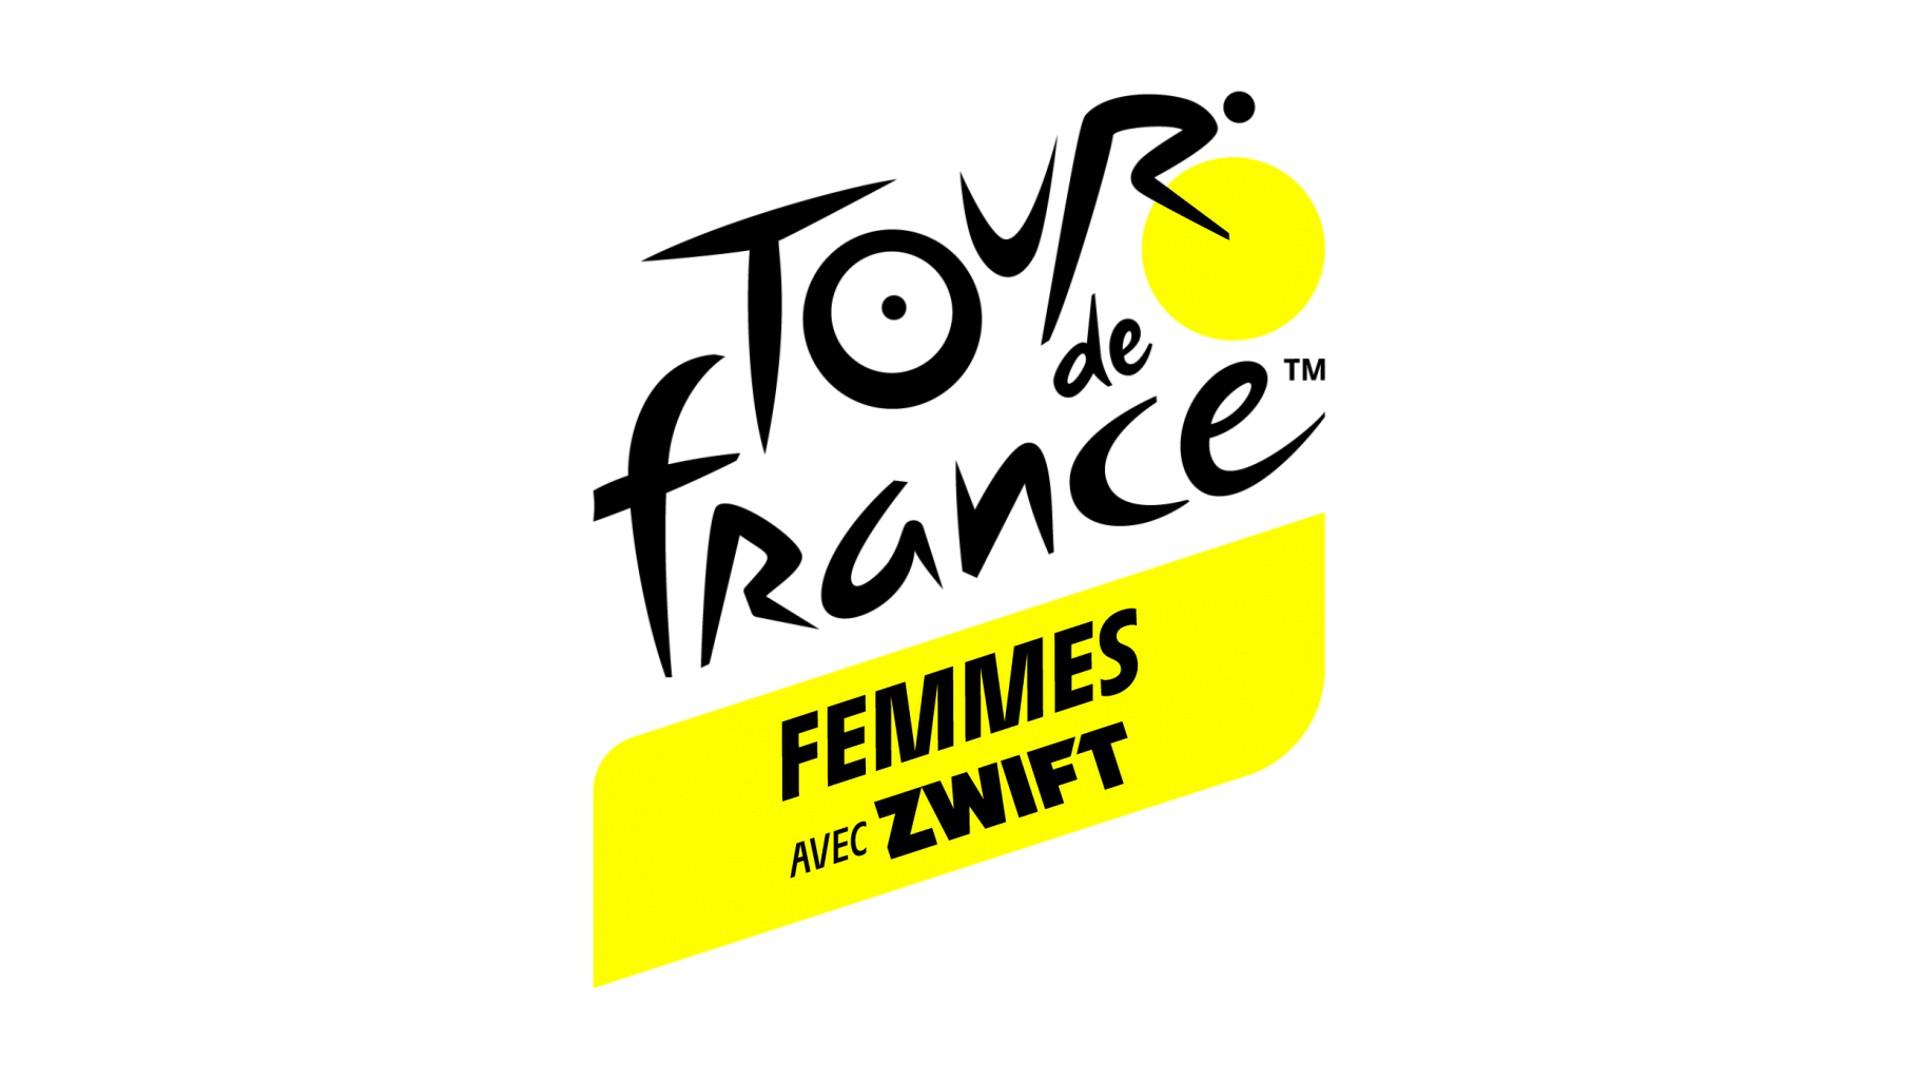 Cyclisme – Tour de France Femmes